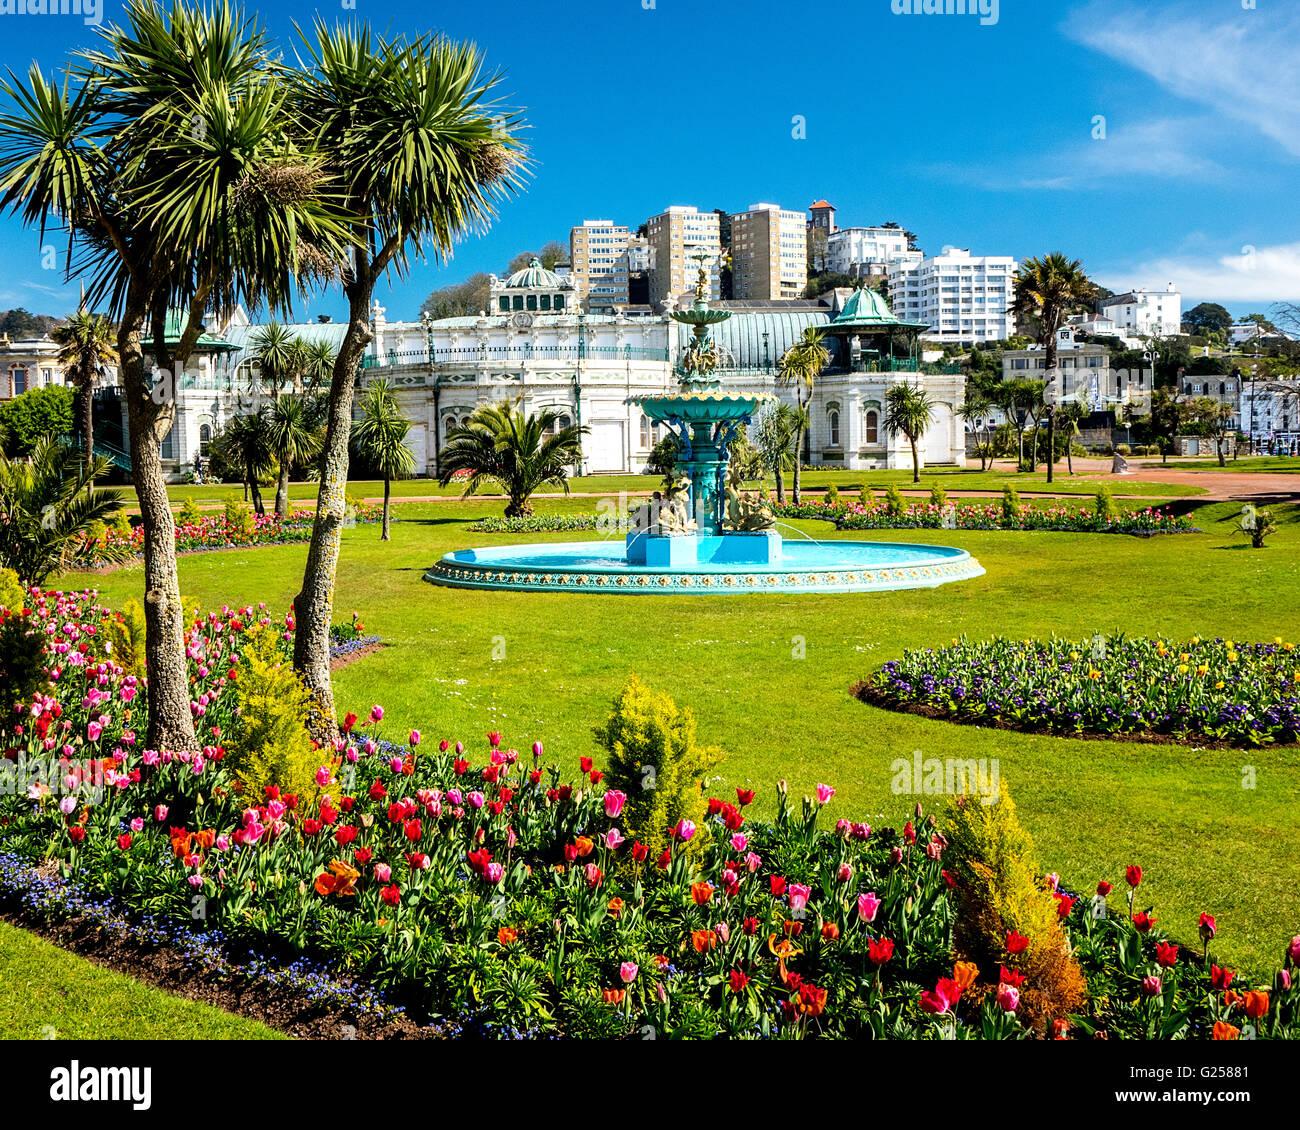 Gb - Devon: princesa jardines y pavilion, Torquay, Riviera inglesa Imagen De Stock